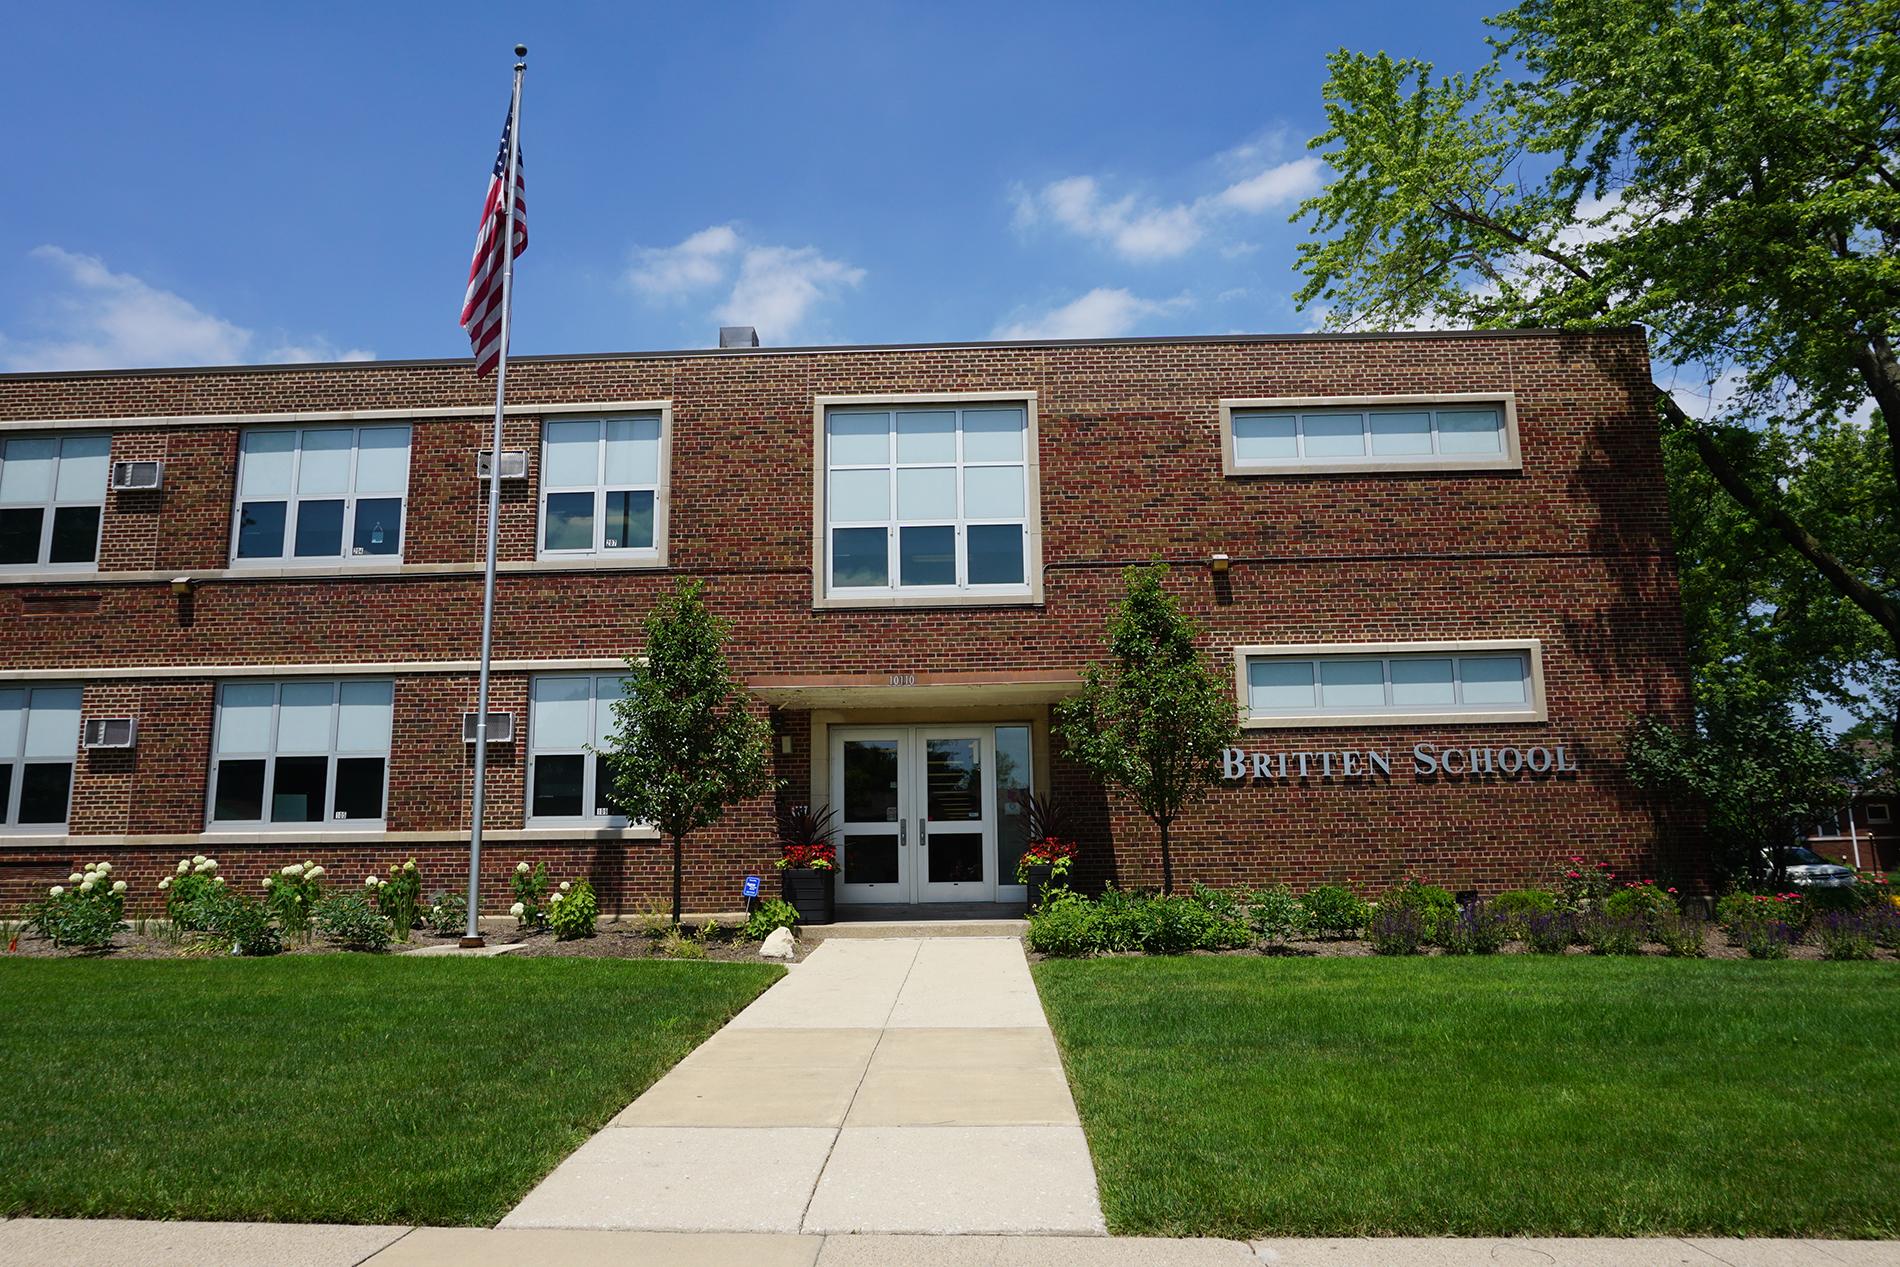 BrittenSchool